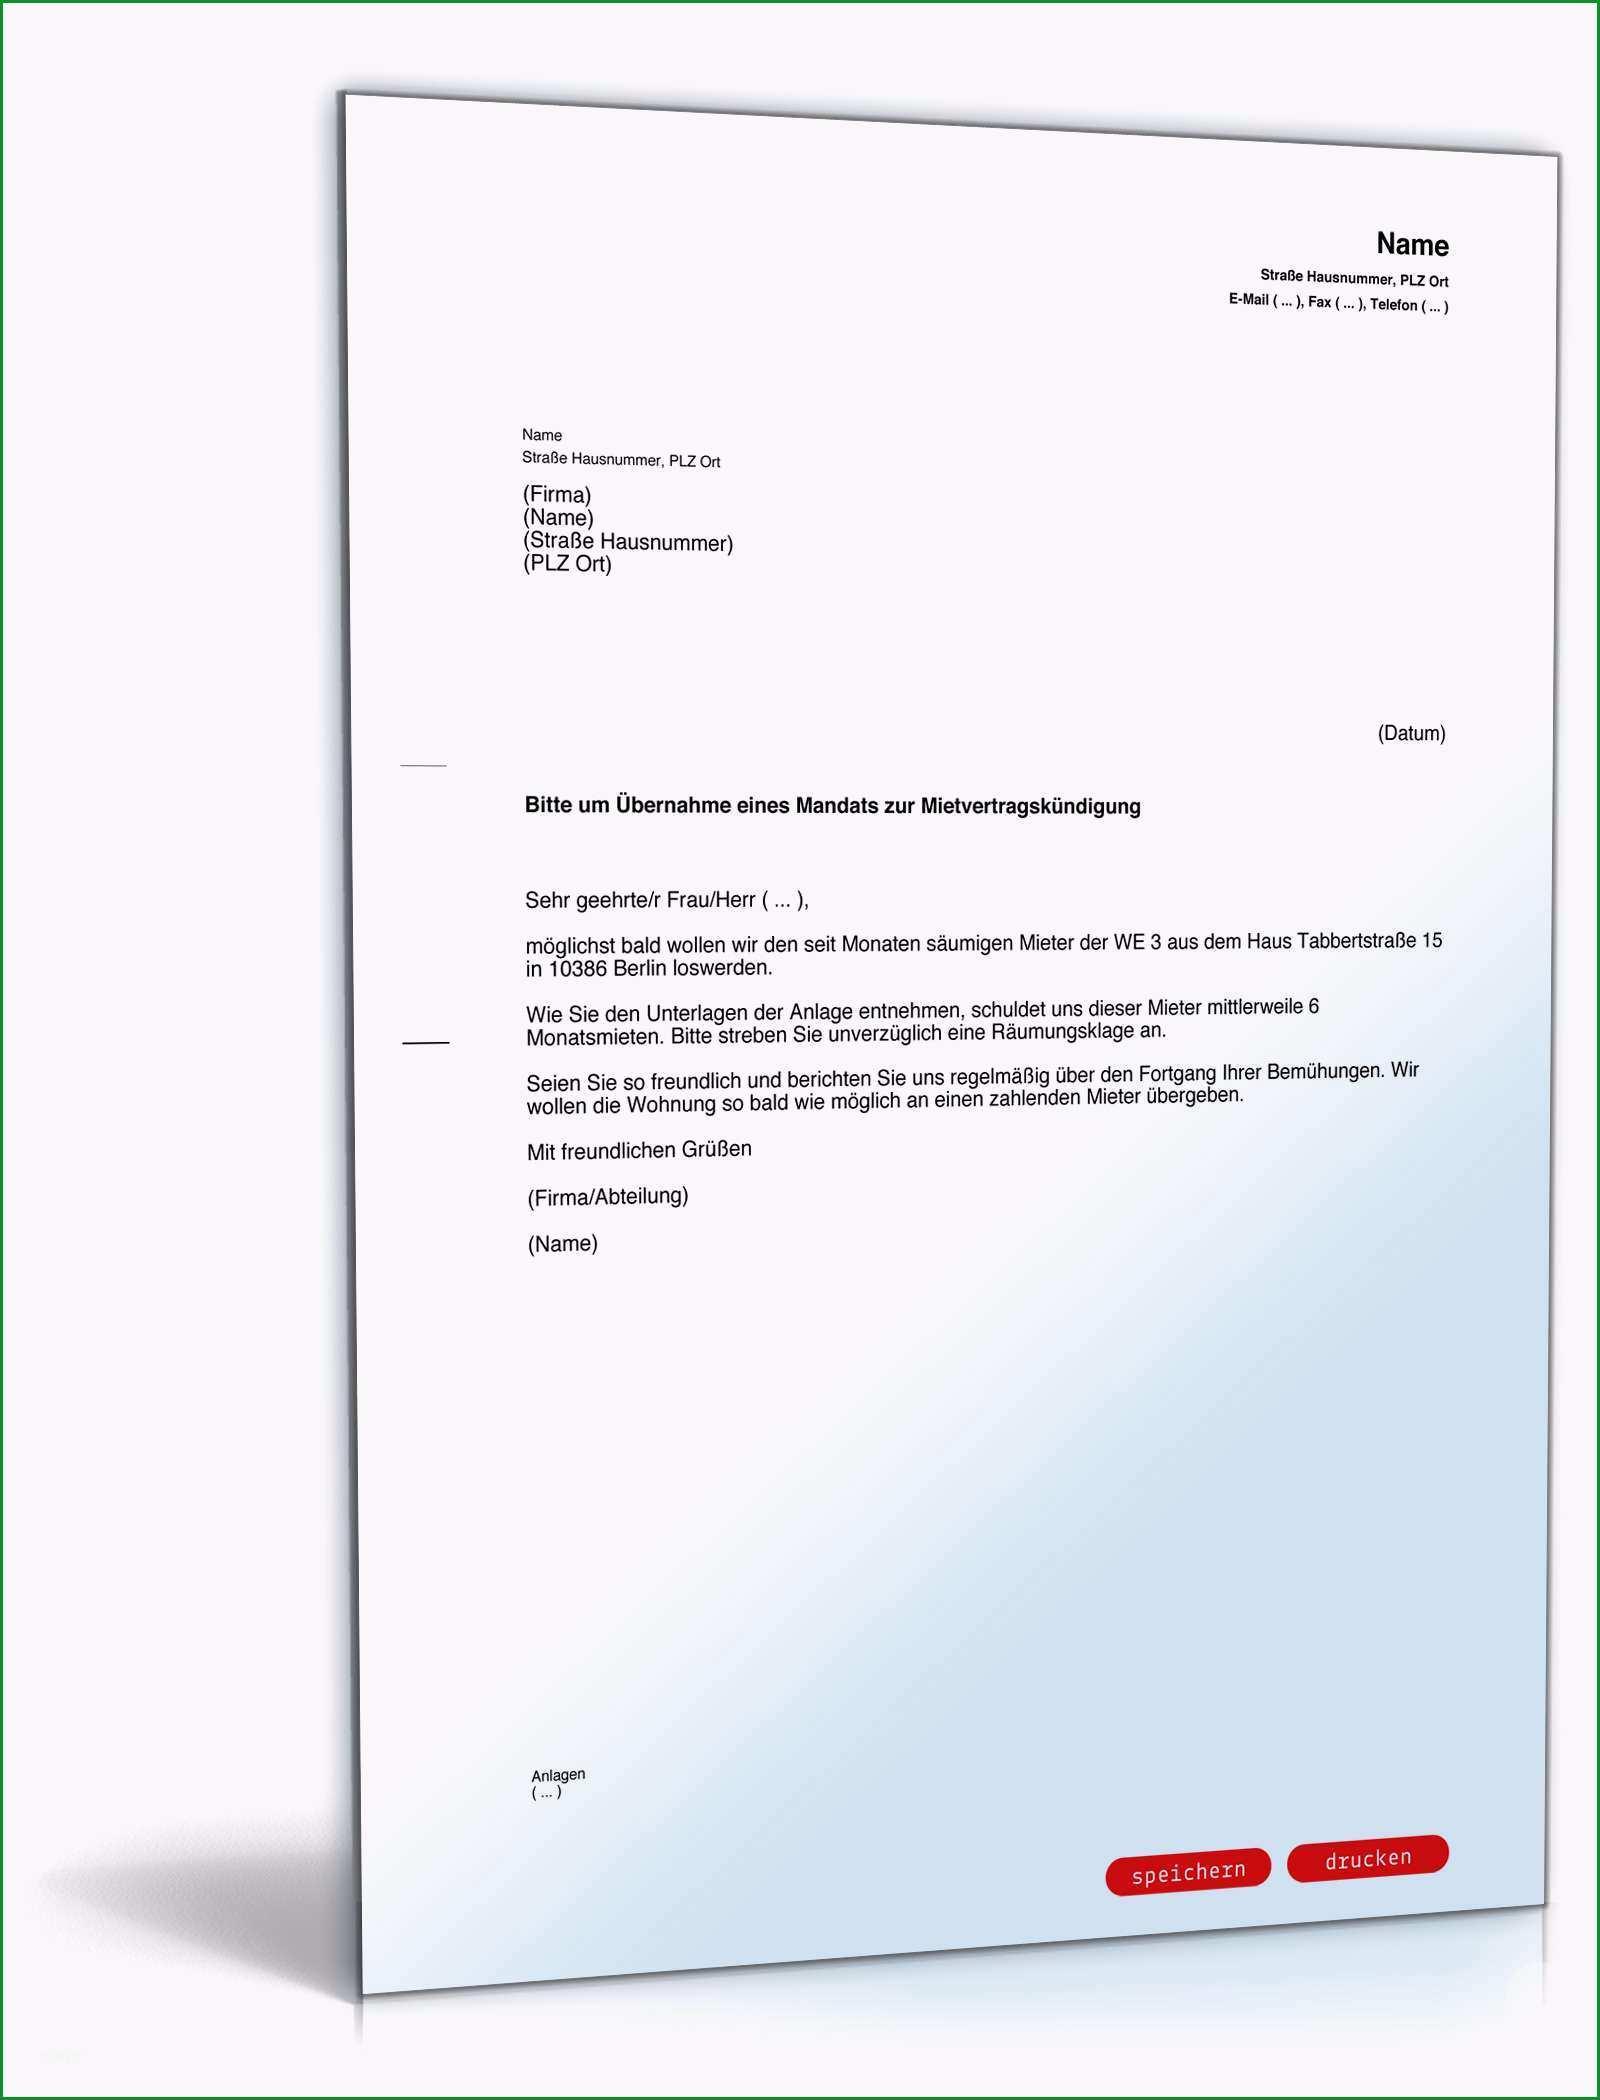 Hervorragen Beauftragung Rechtsanwalt Mietvertragskündigung